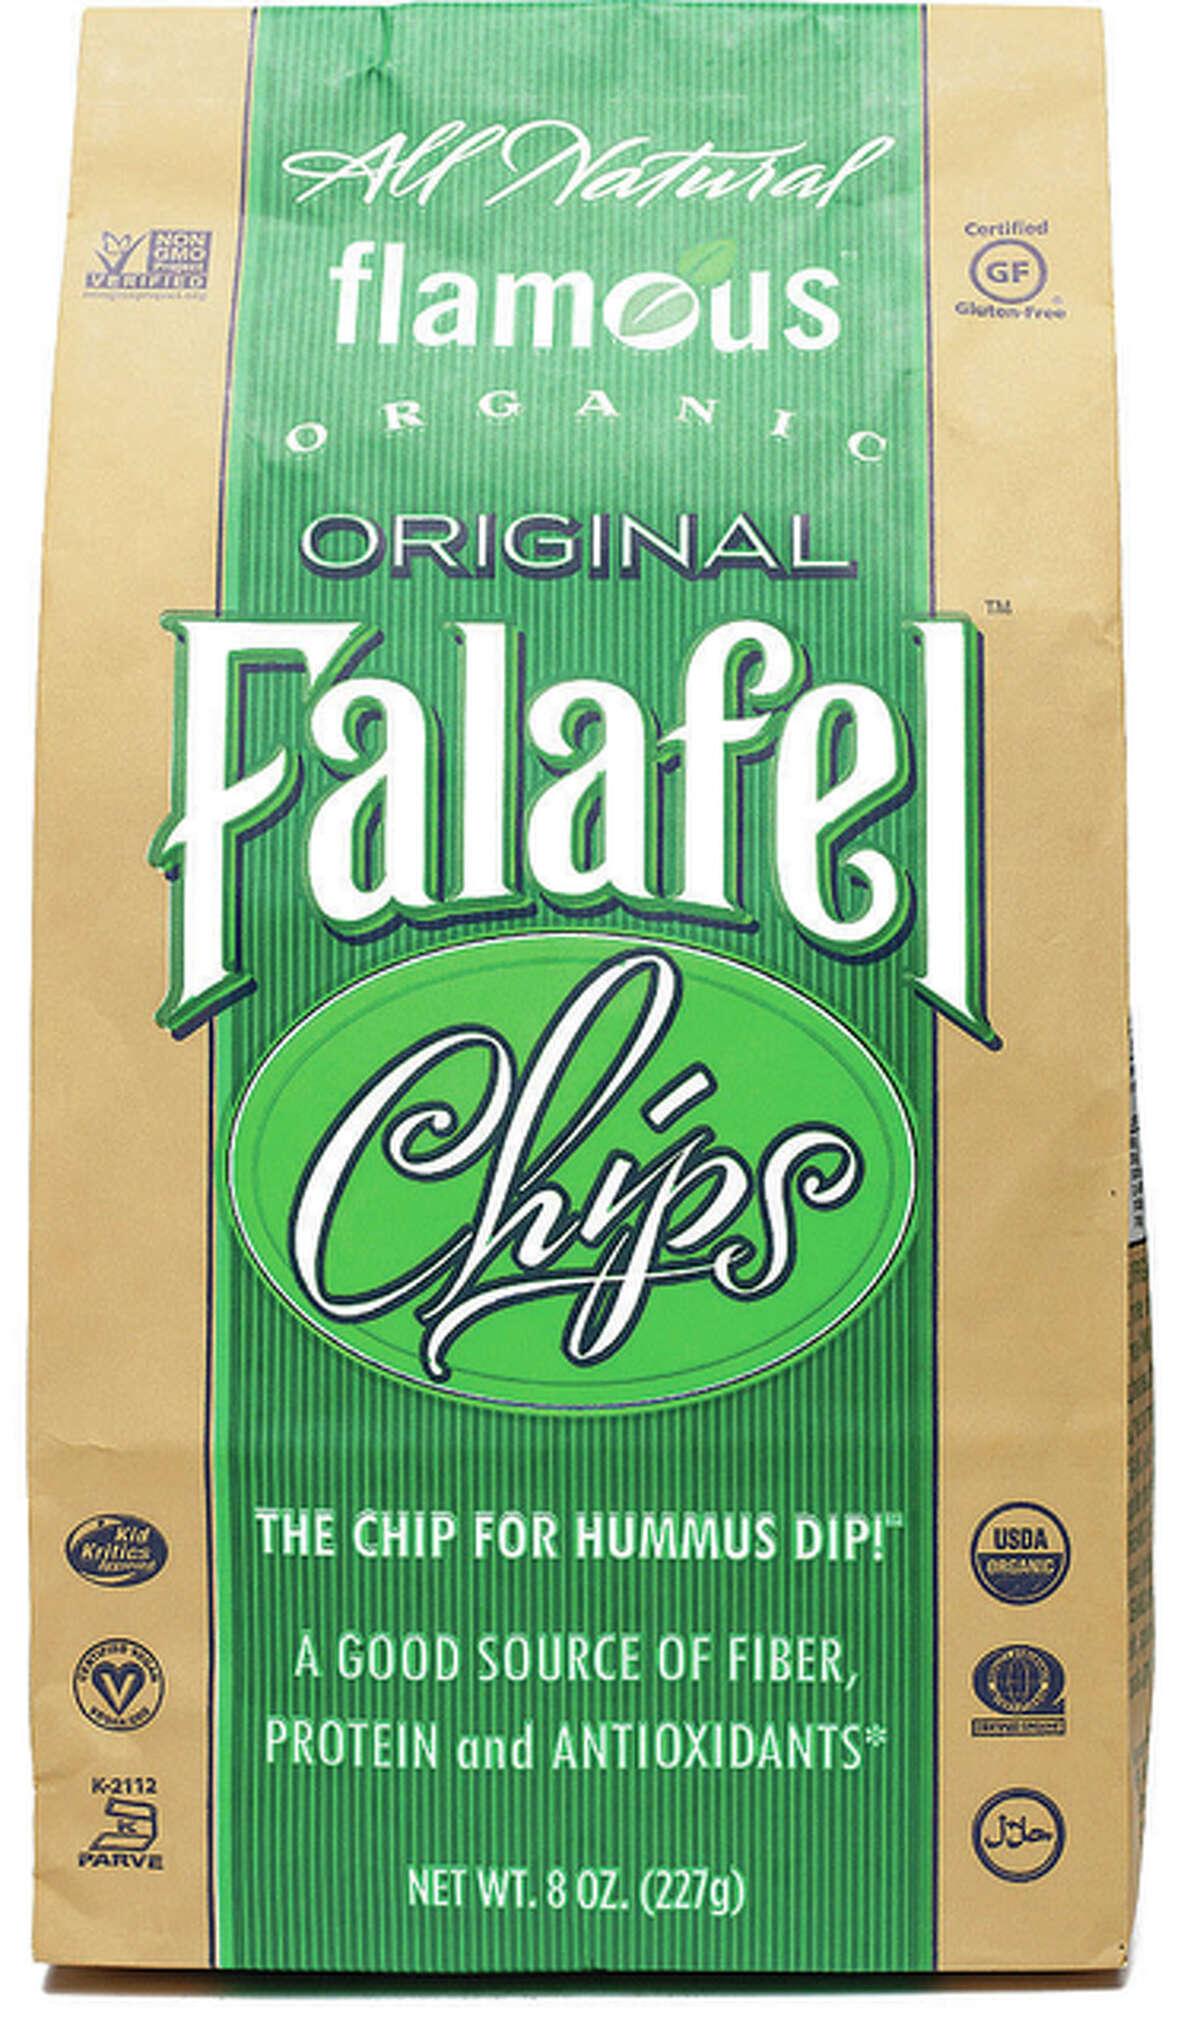 Original Falafel Chips